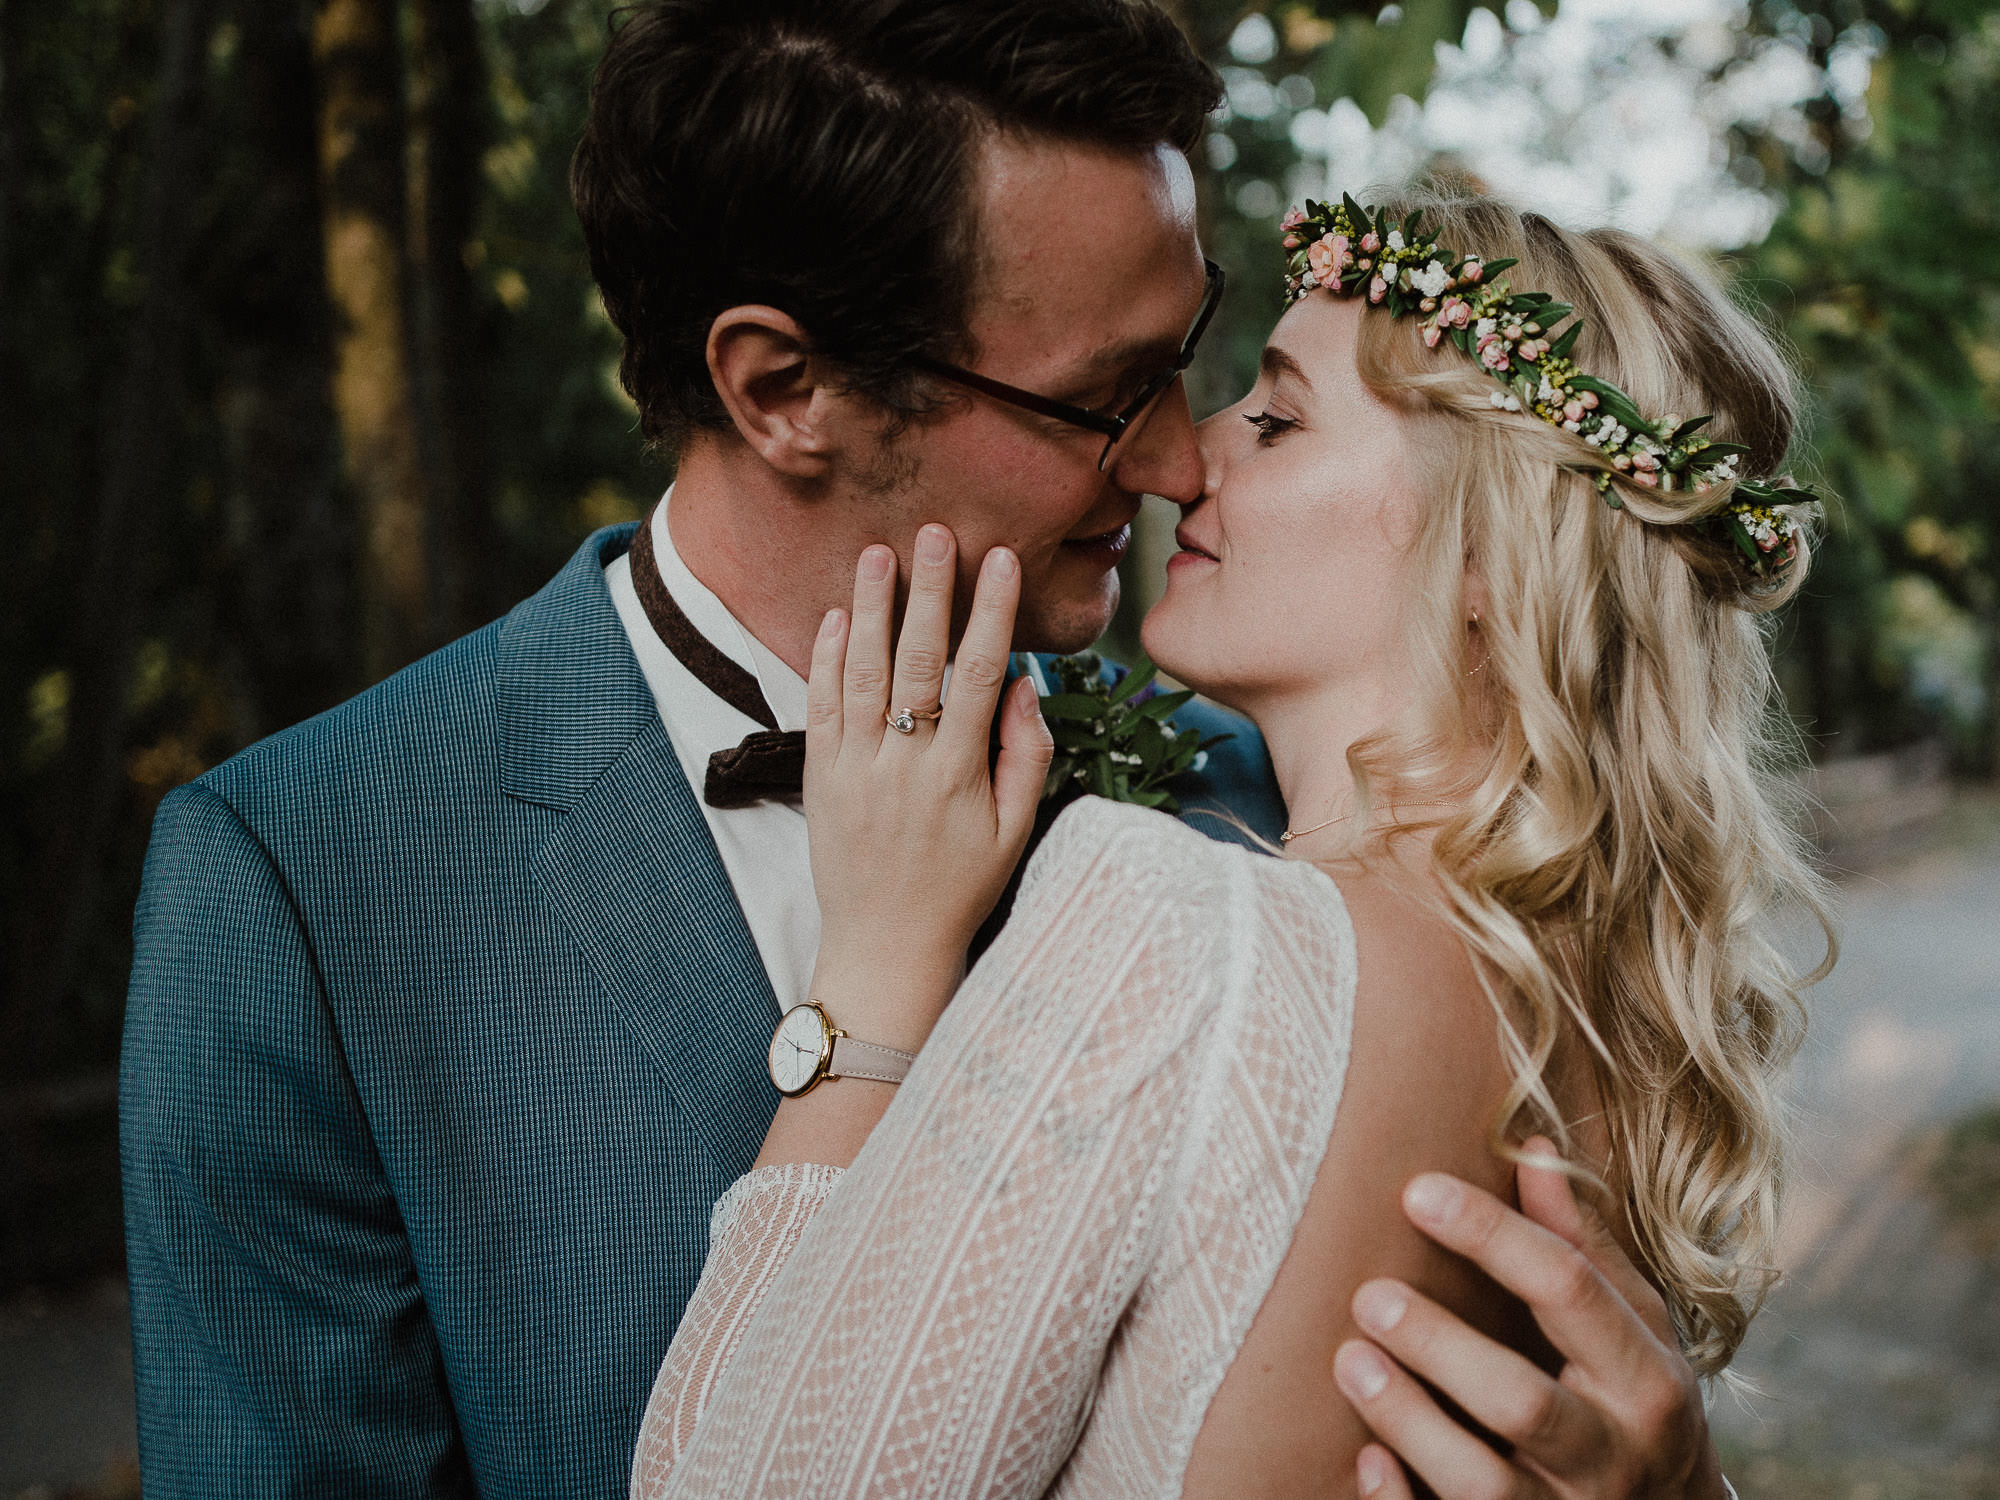 Portrait des Brautpaares in Farbe. Fotografiert von Hochzeitsfotograf Axel Link. Kuss des Brautpaares